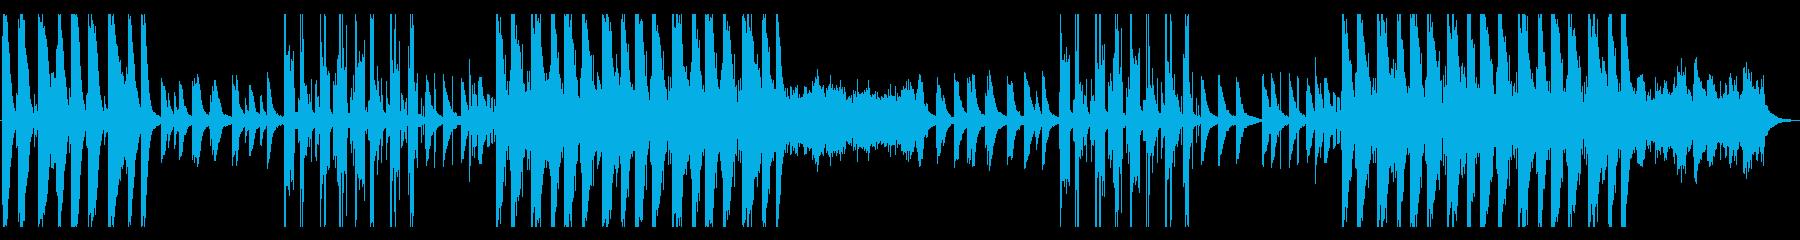 都会 R&B ダーティー チルアウトの再生済みの波形